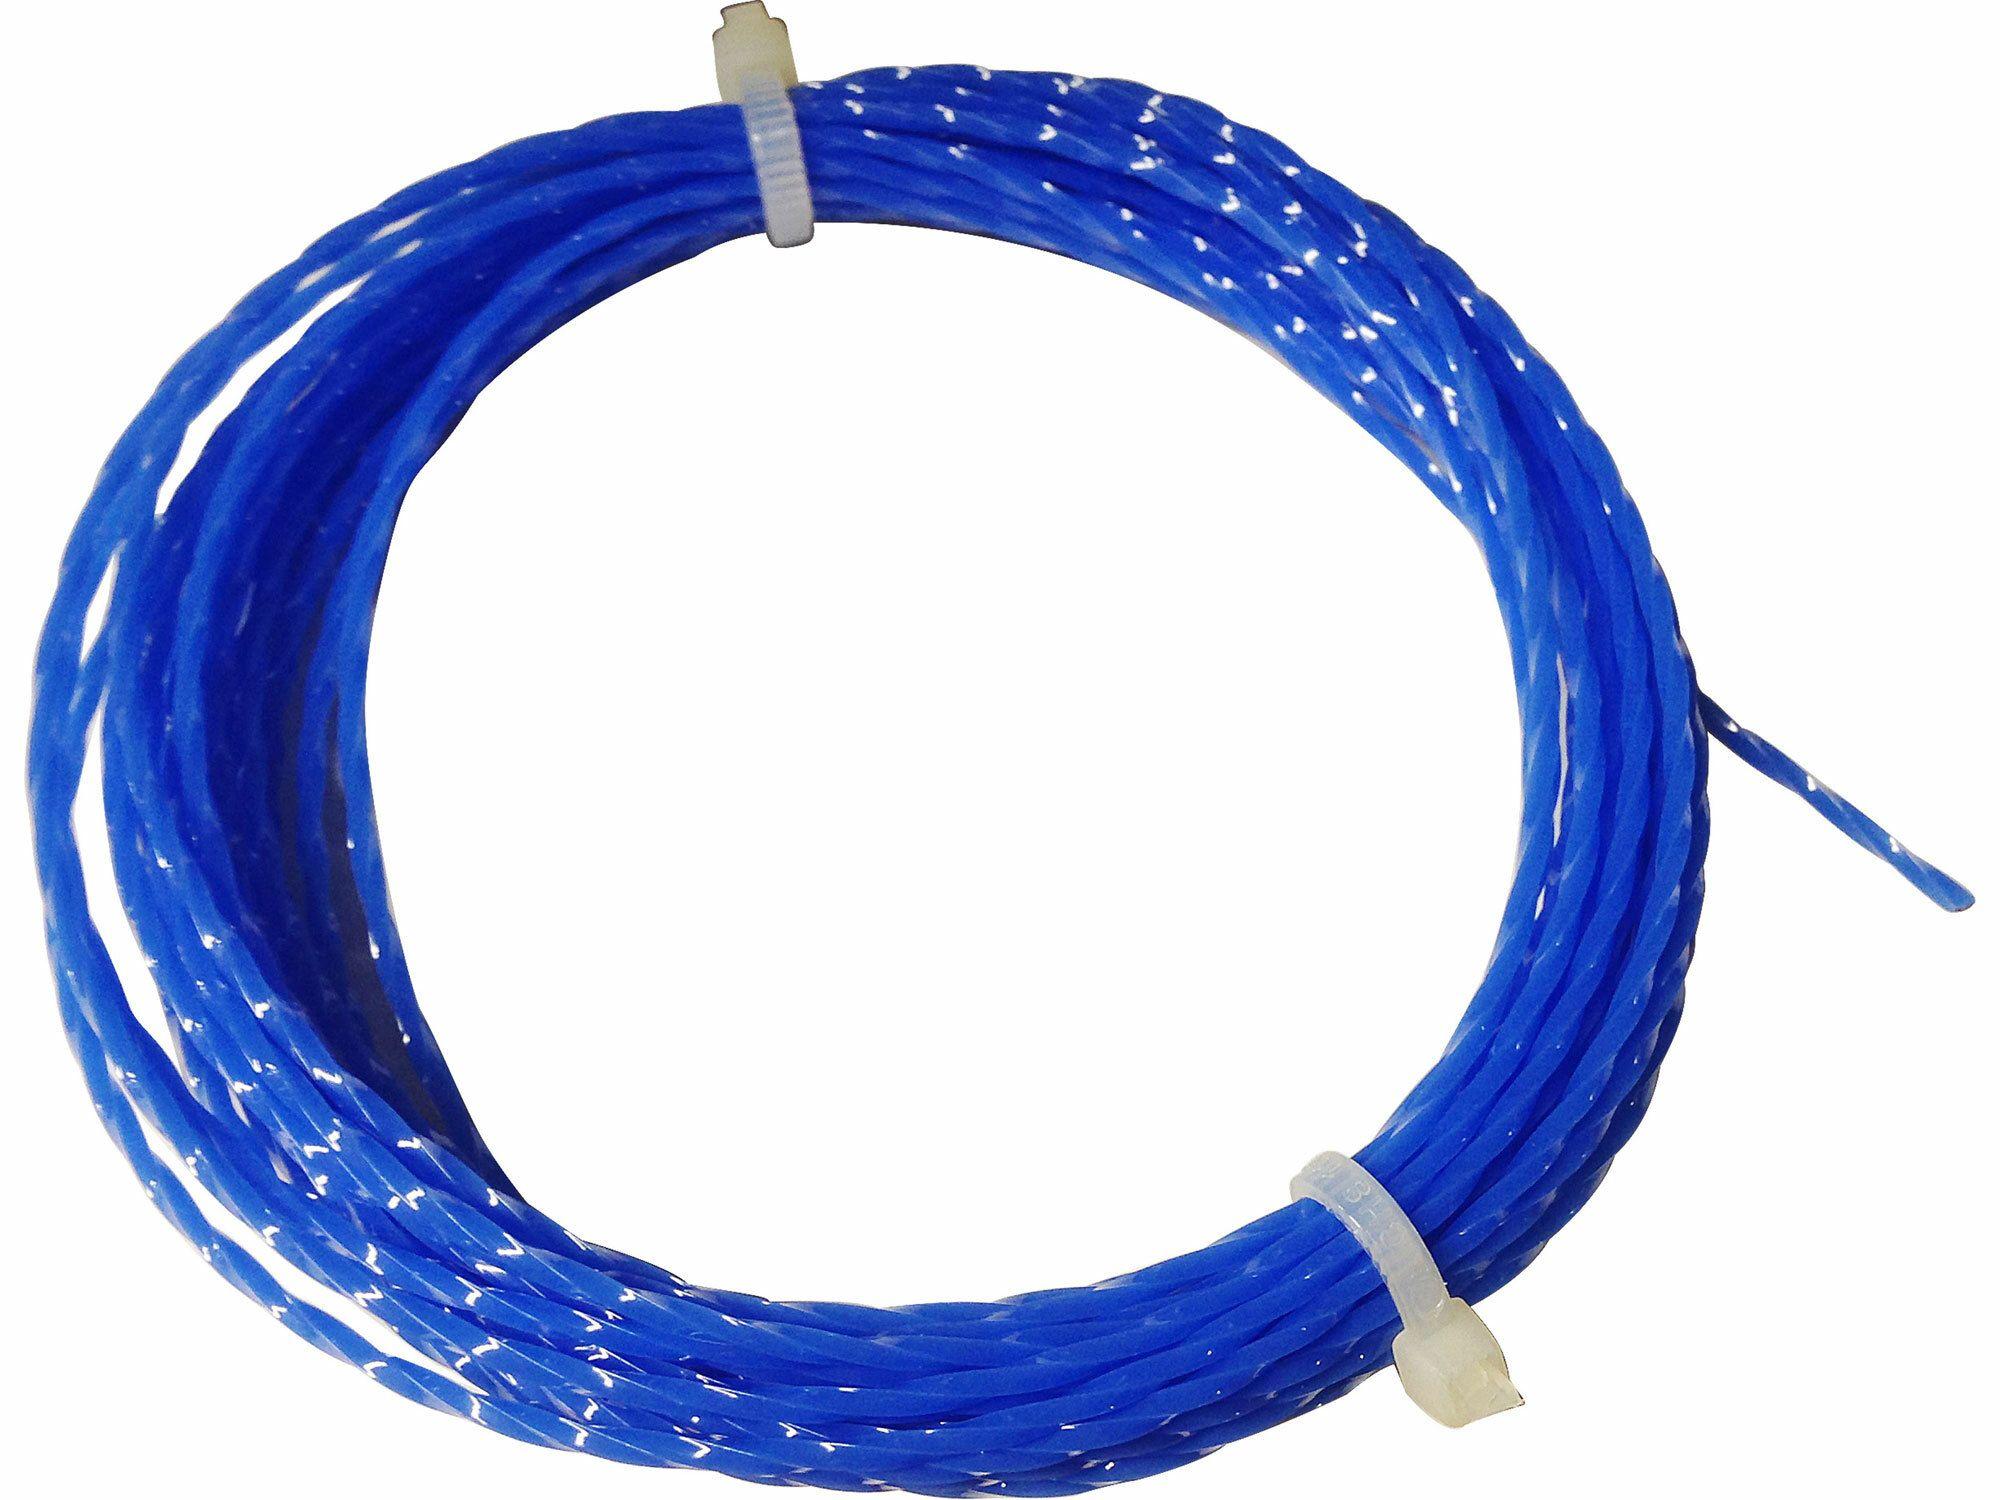 Nylonová struna náhradní 1.5mm, EXTOL PREMIUM